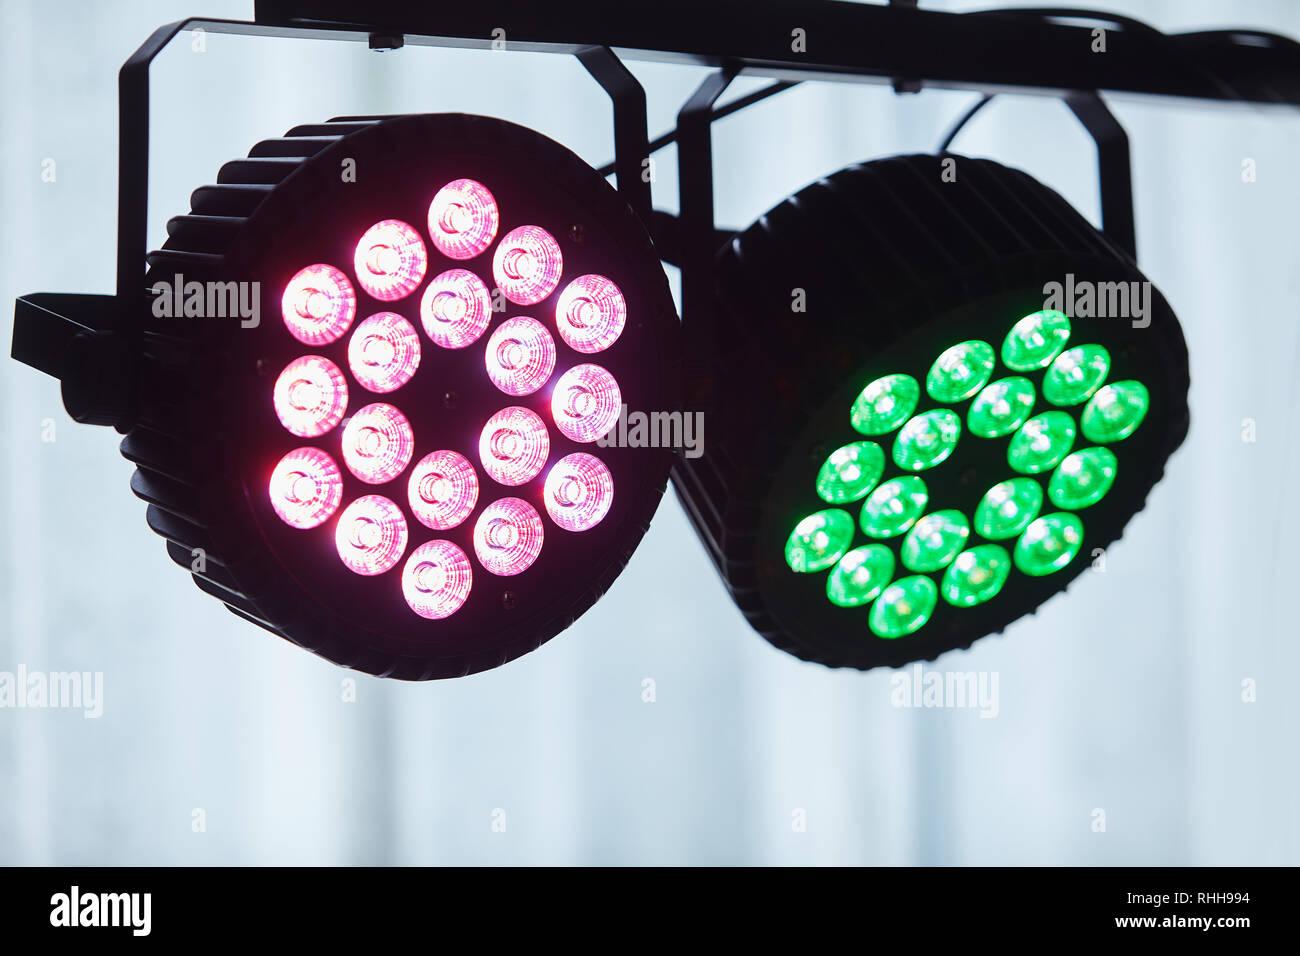 Led di apparecchiature di illuminazione led forstage professional